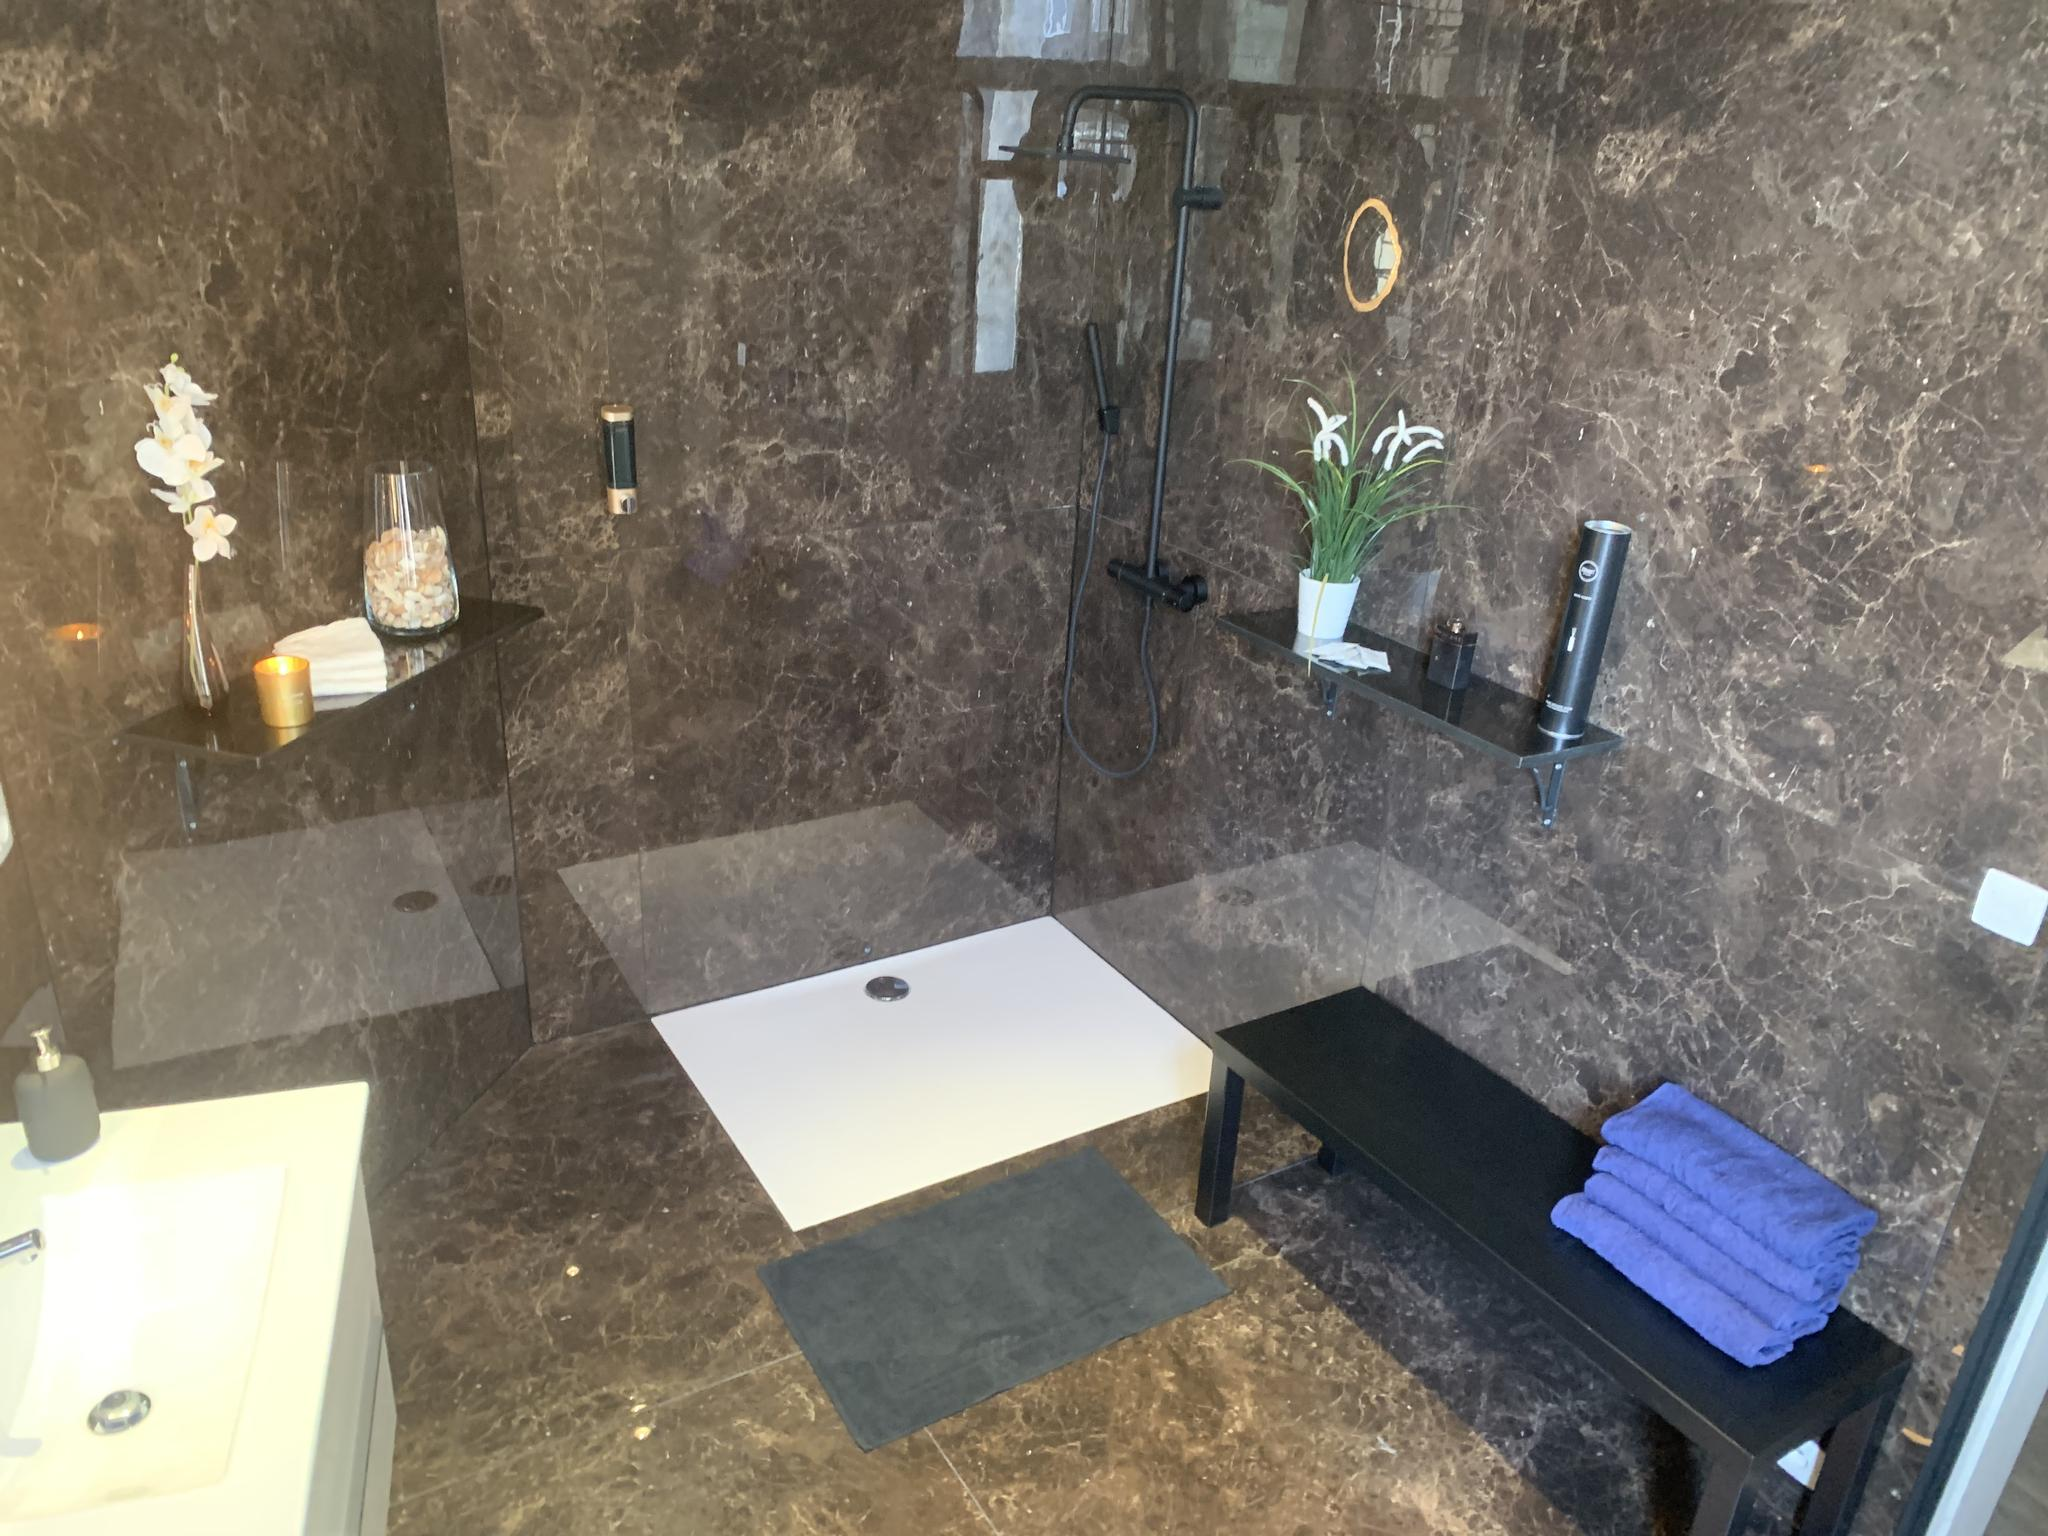 Nieuwstad 2 - Luxury expat rental in Antwerp